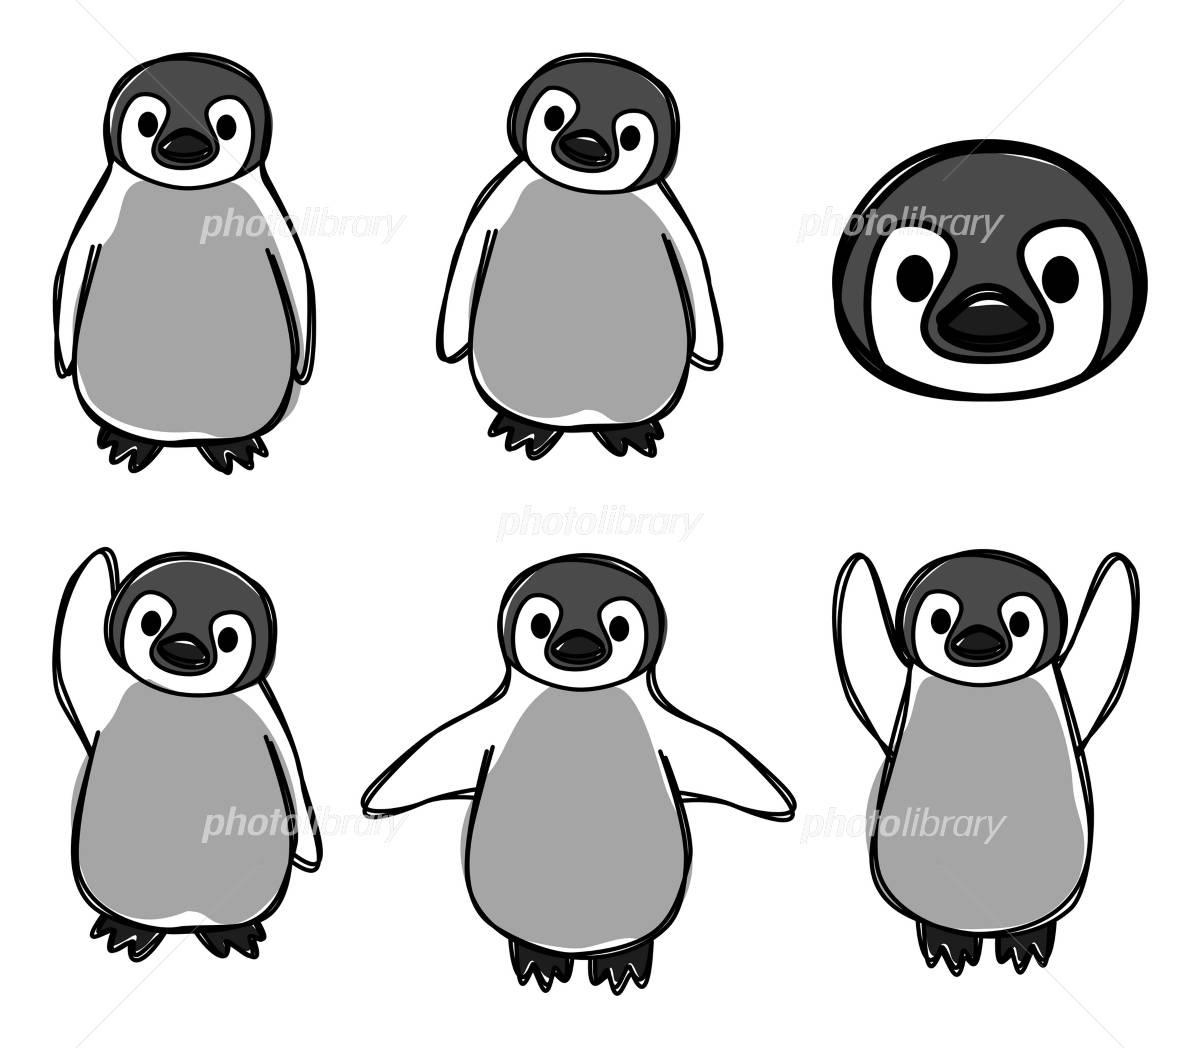 ペンギン イラスト素材 2074953 フォトライブラリー Photolibrary